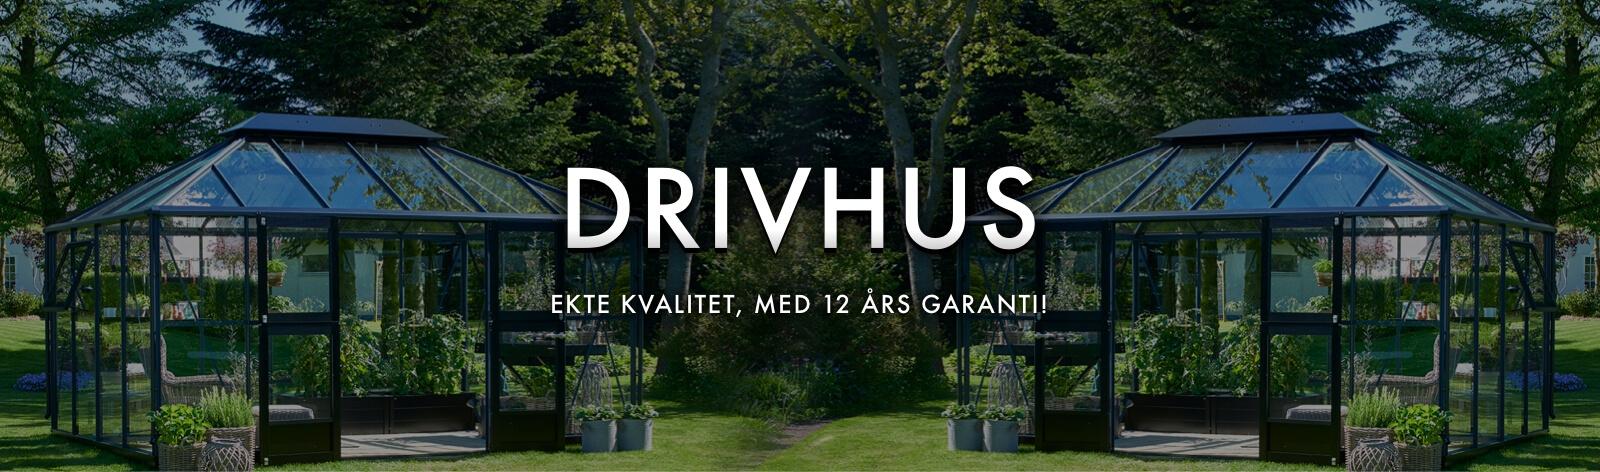 Gartner Drivhus